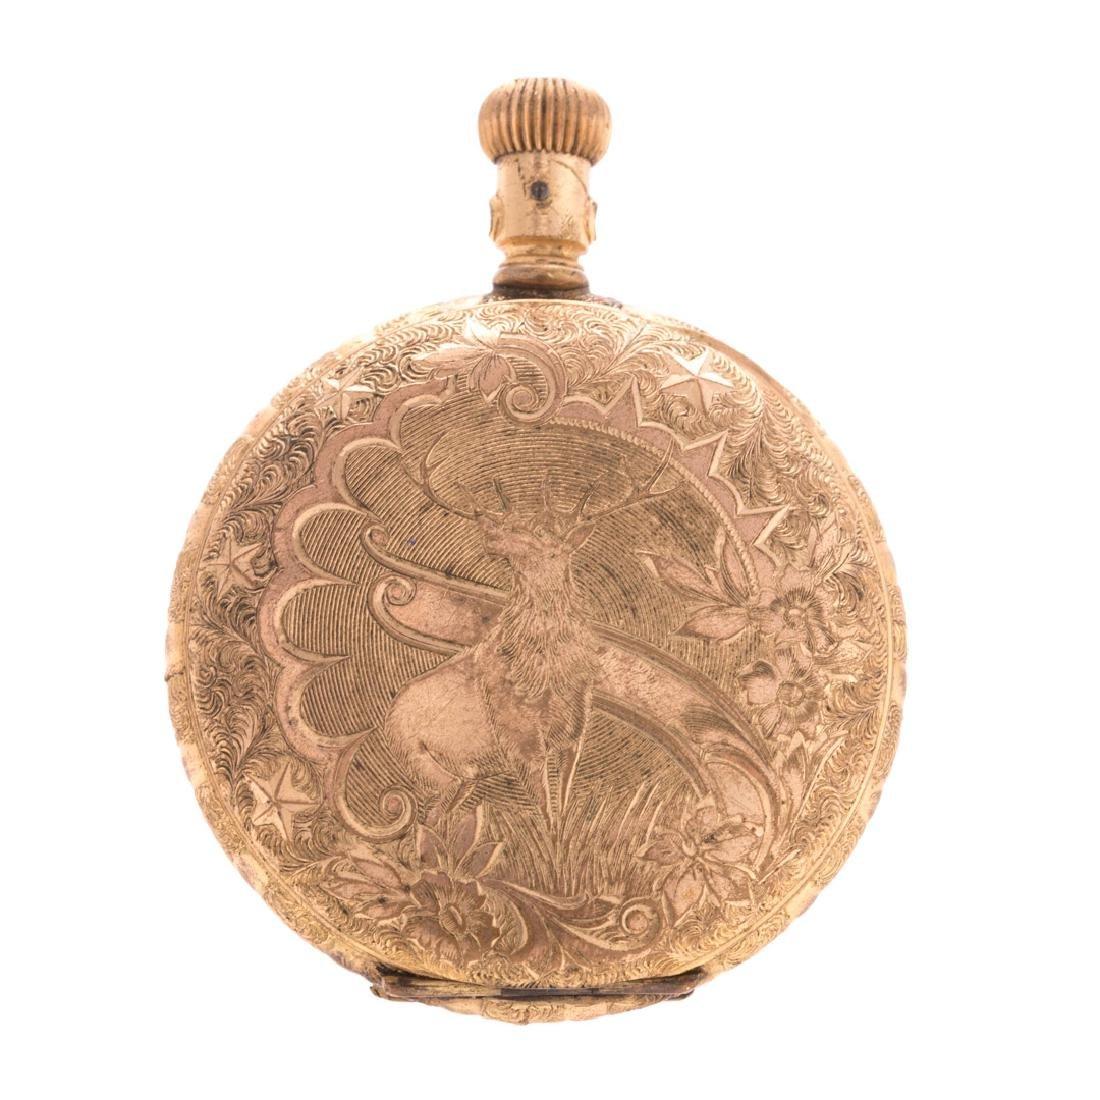 A Gentlemen's Pocket Watch in 14K Gold